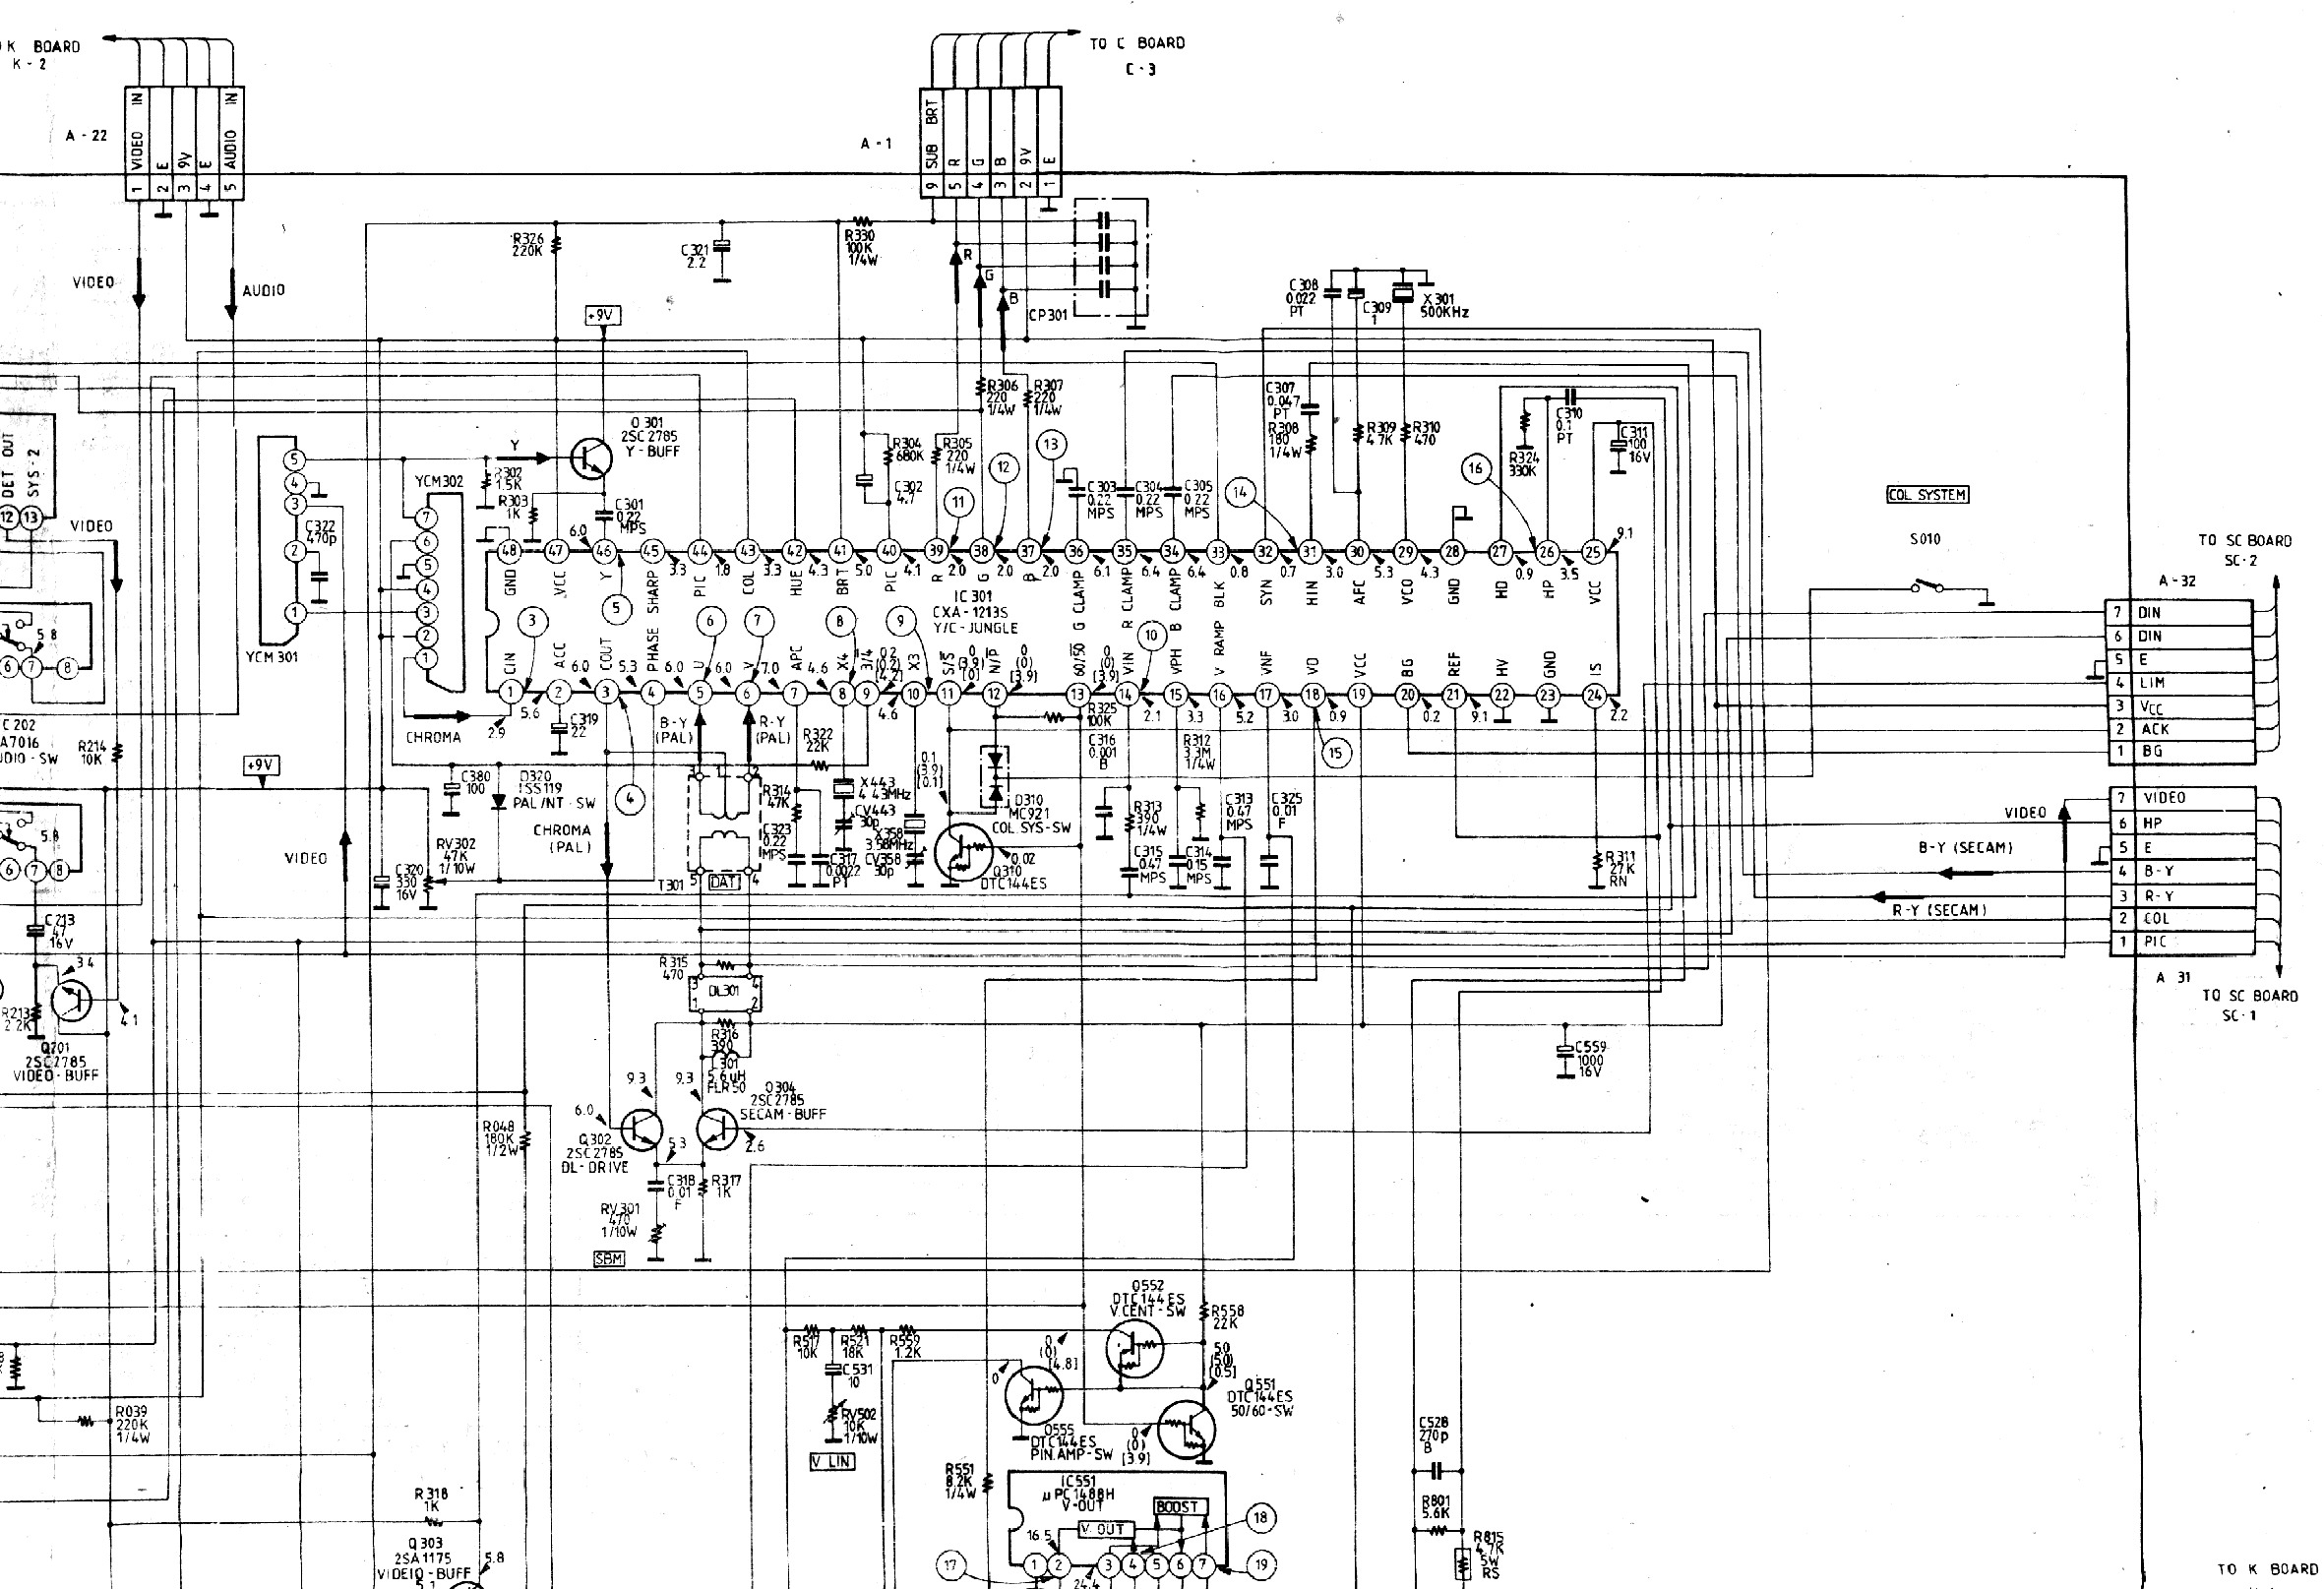 sony kv 29fs120 diagram